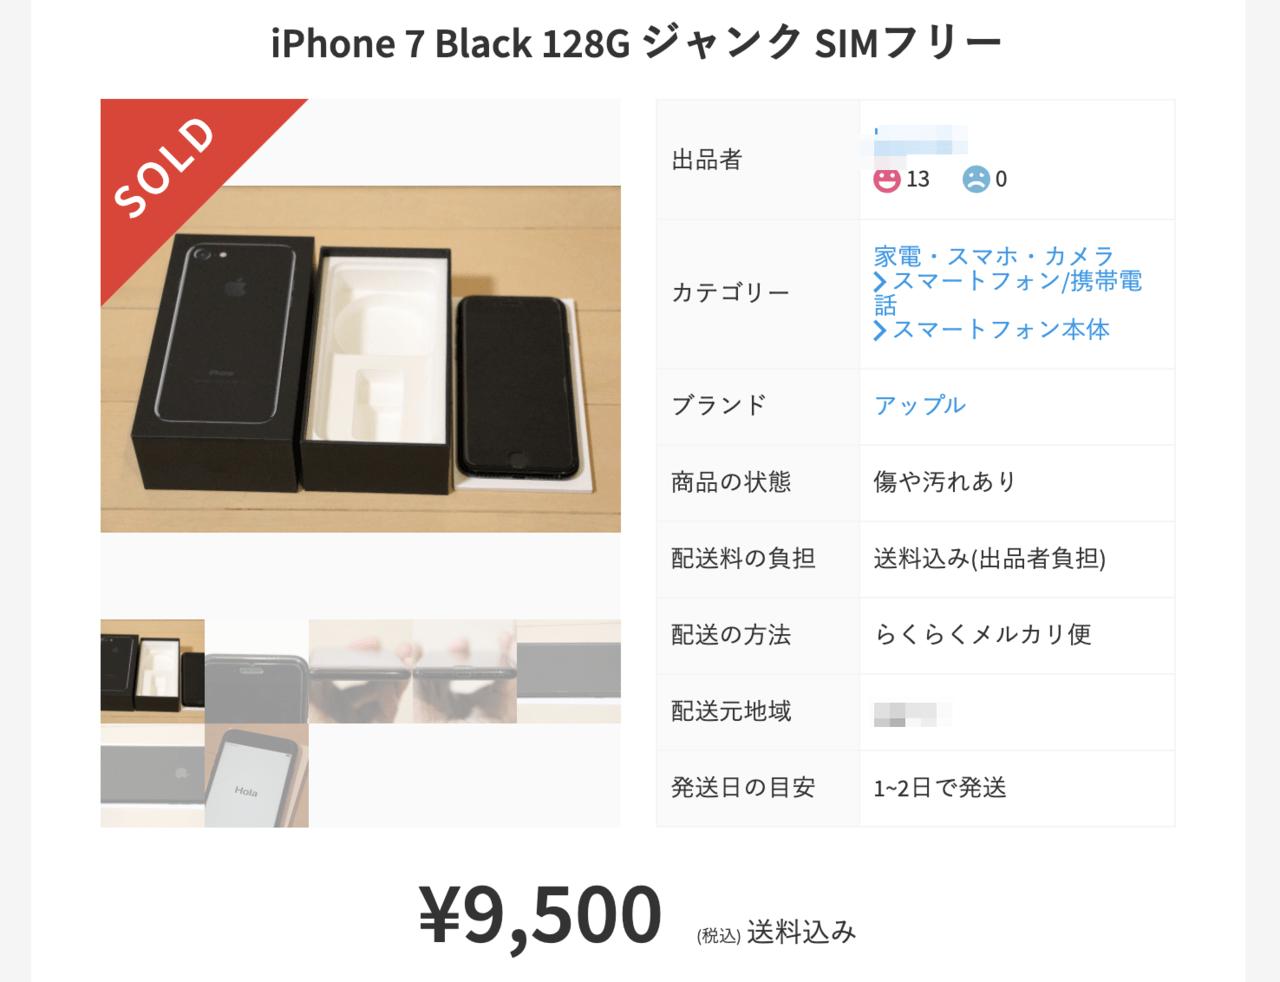 メルカリ出品時のiPhone7ジャンク品